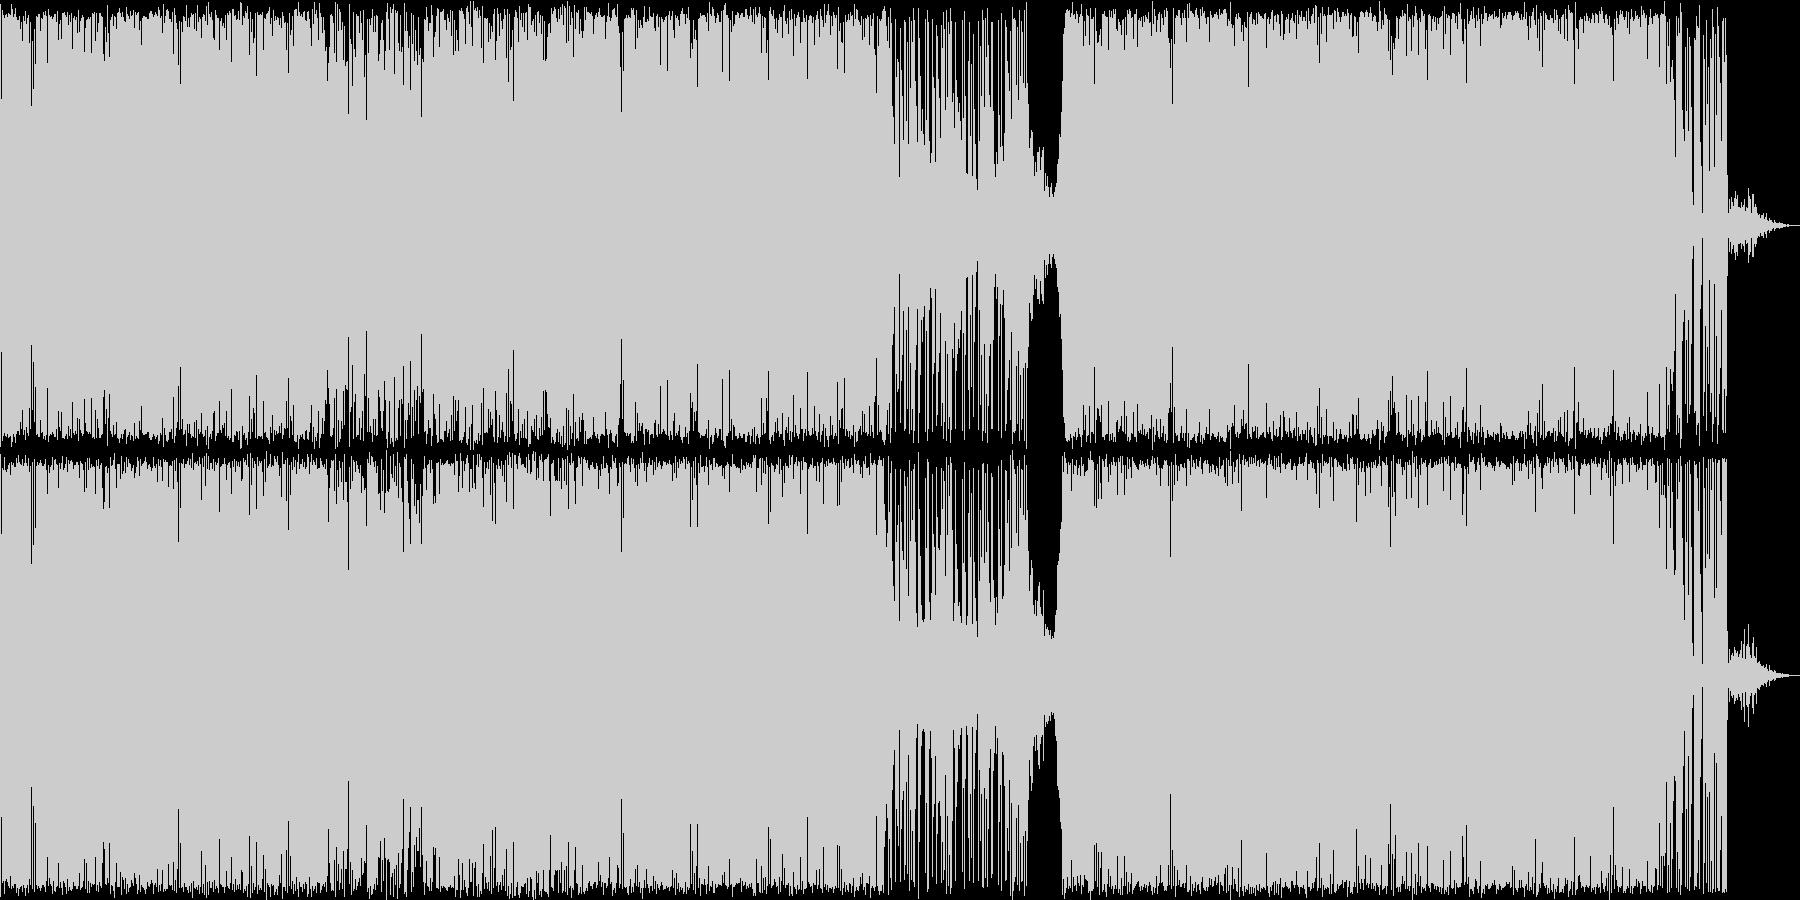 「わくわく突き進むイメージのBGMの未再生の波形